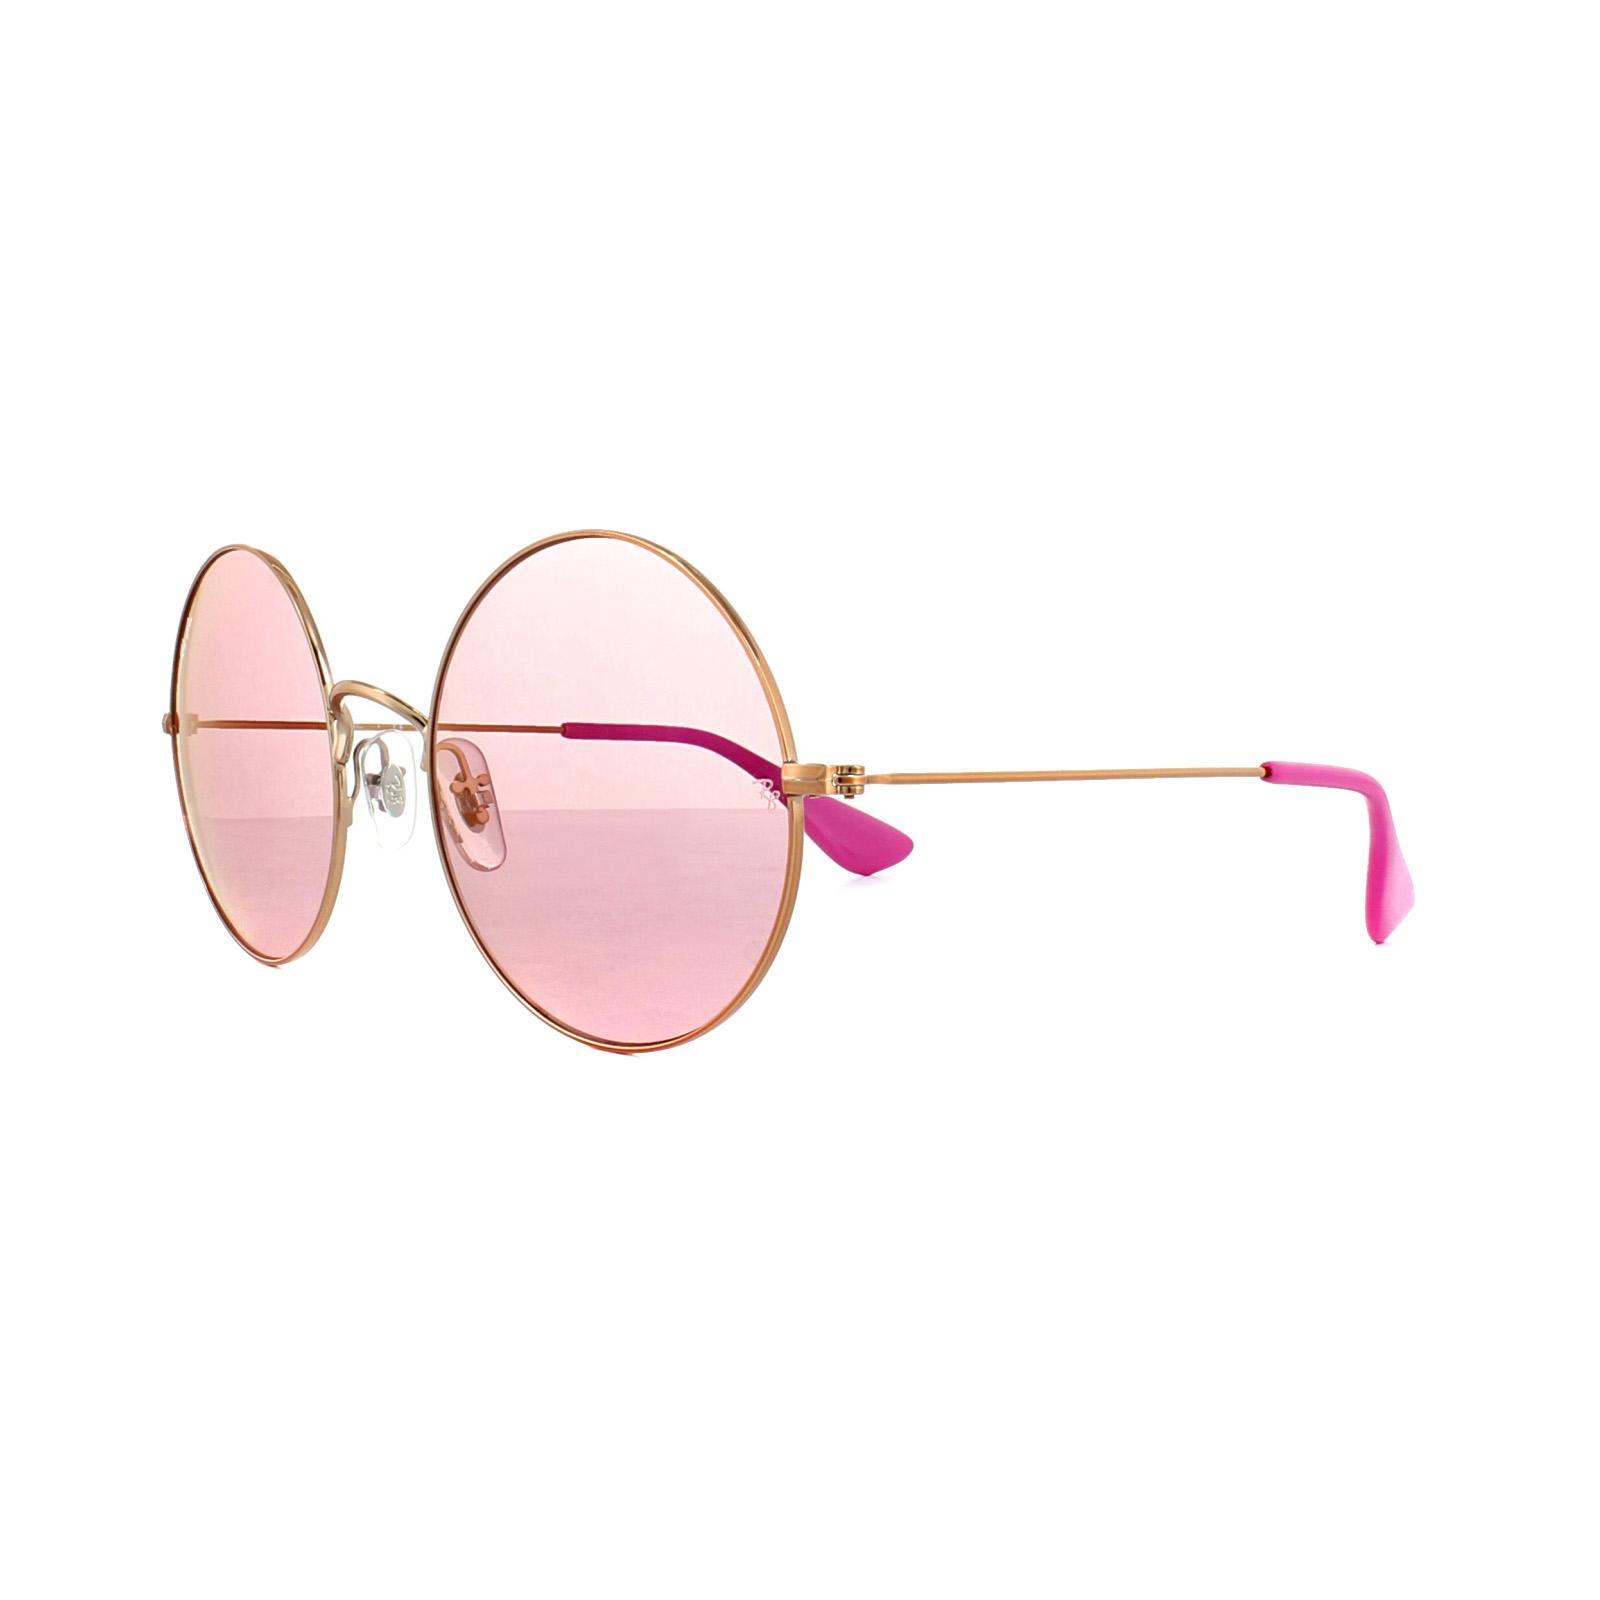 5e4d25f6ce Sentinel Ray-Ban Sunglasses Ja-Jo 3592 9035F6 Bronze Copper Pink